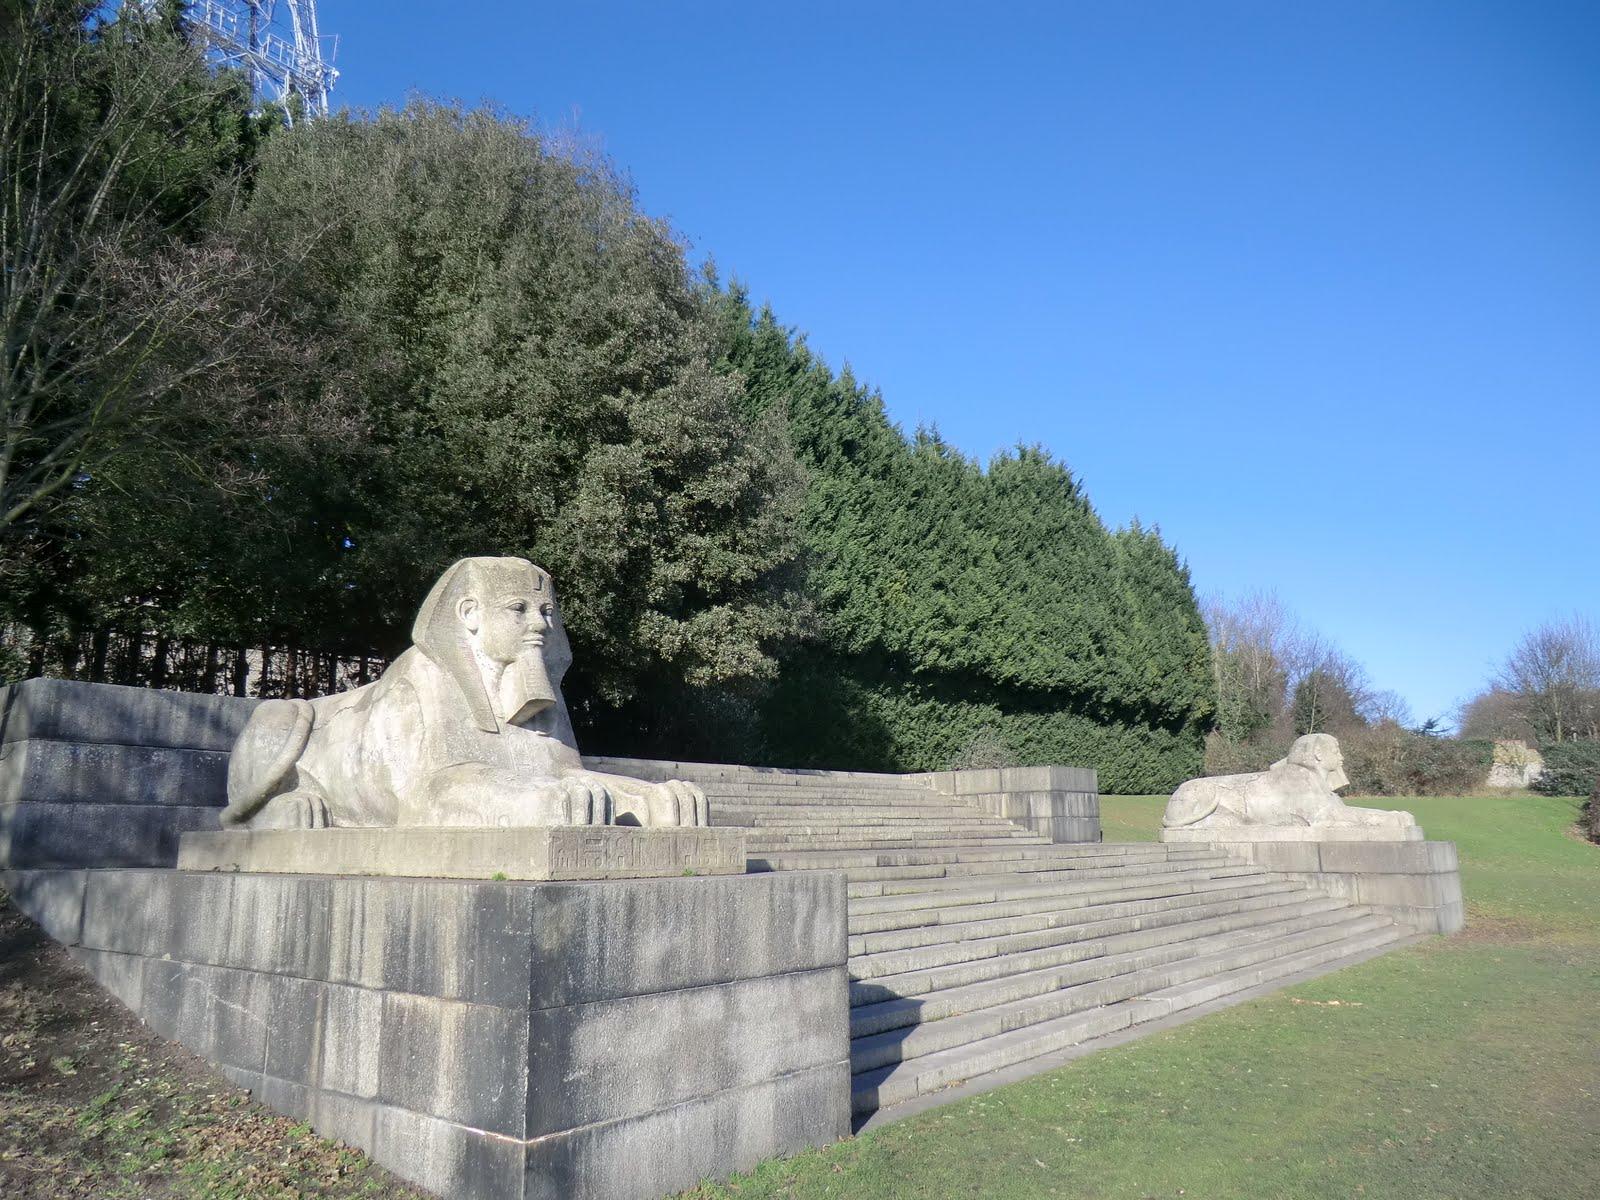 CIMG1546 Sphinx, Crystal Palace Park